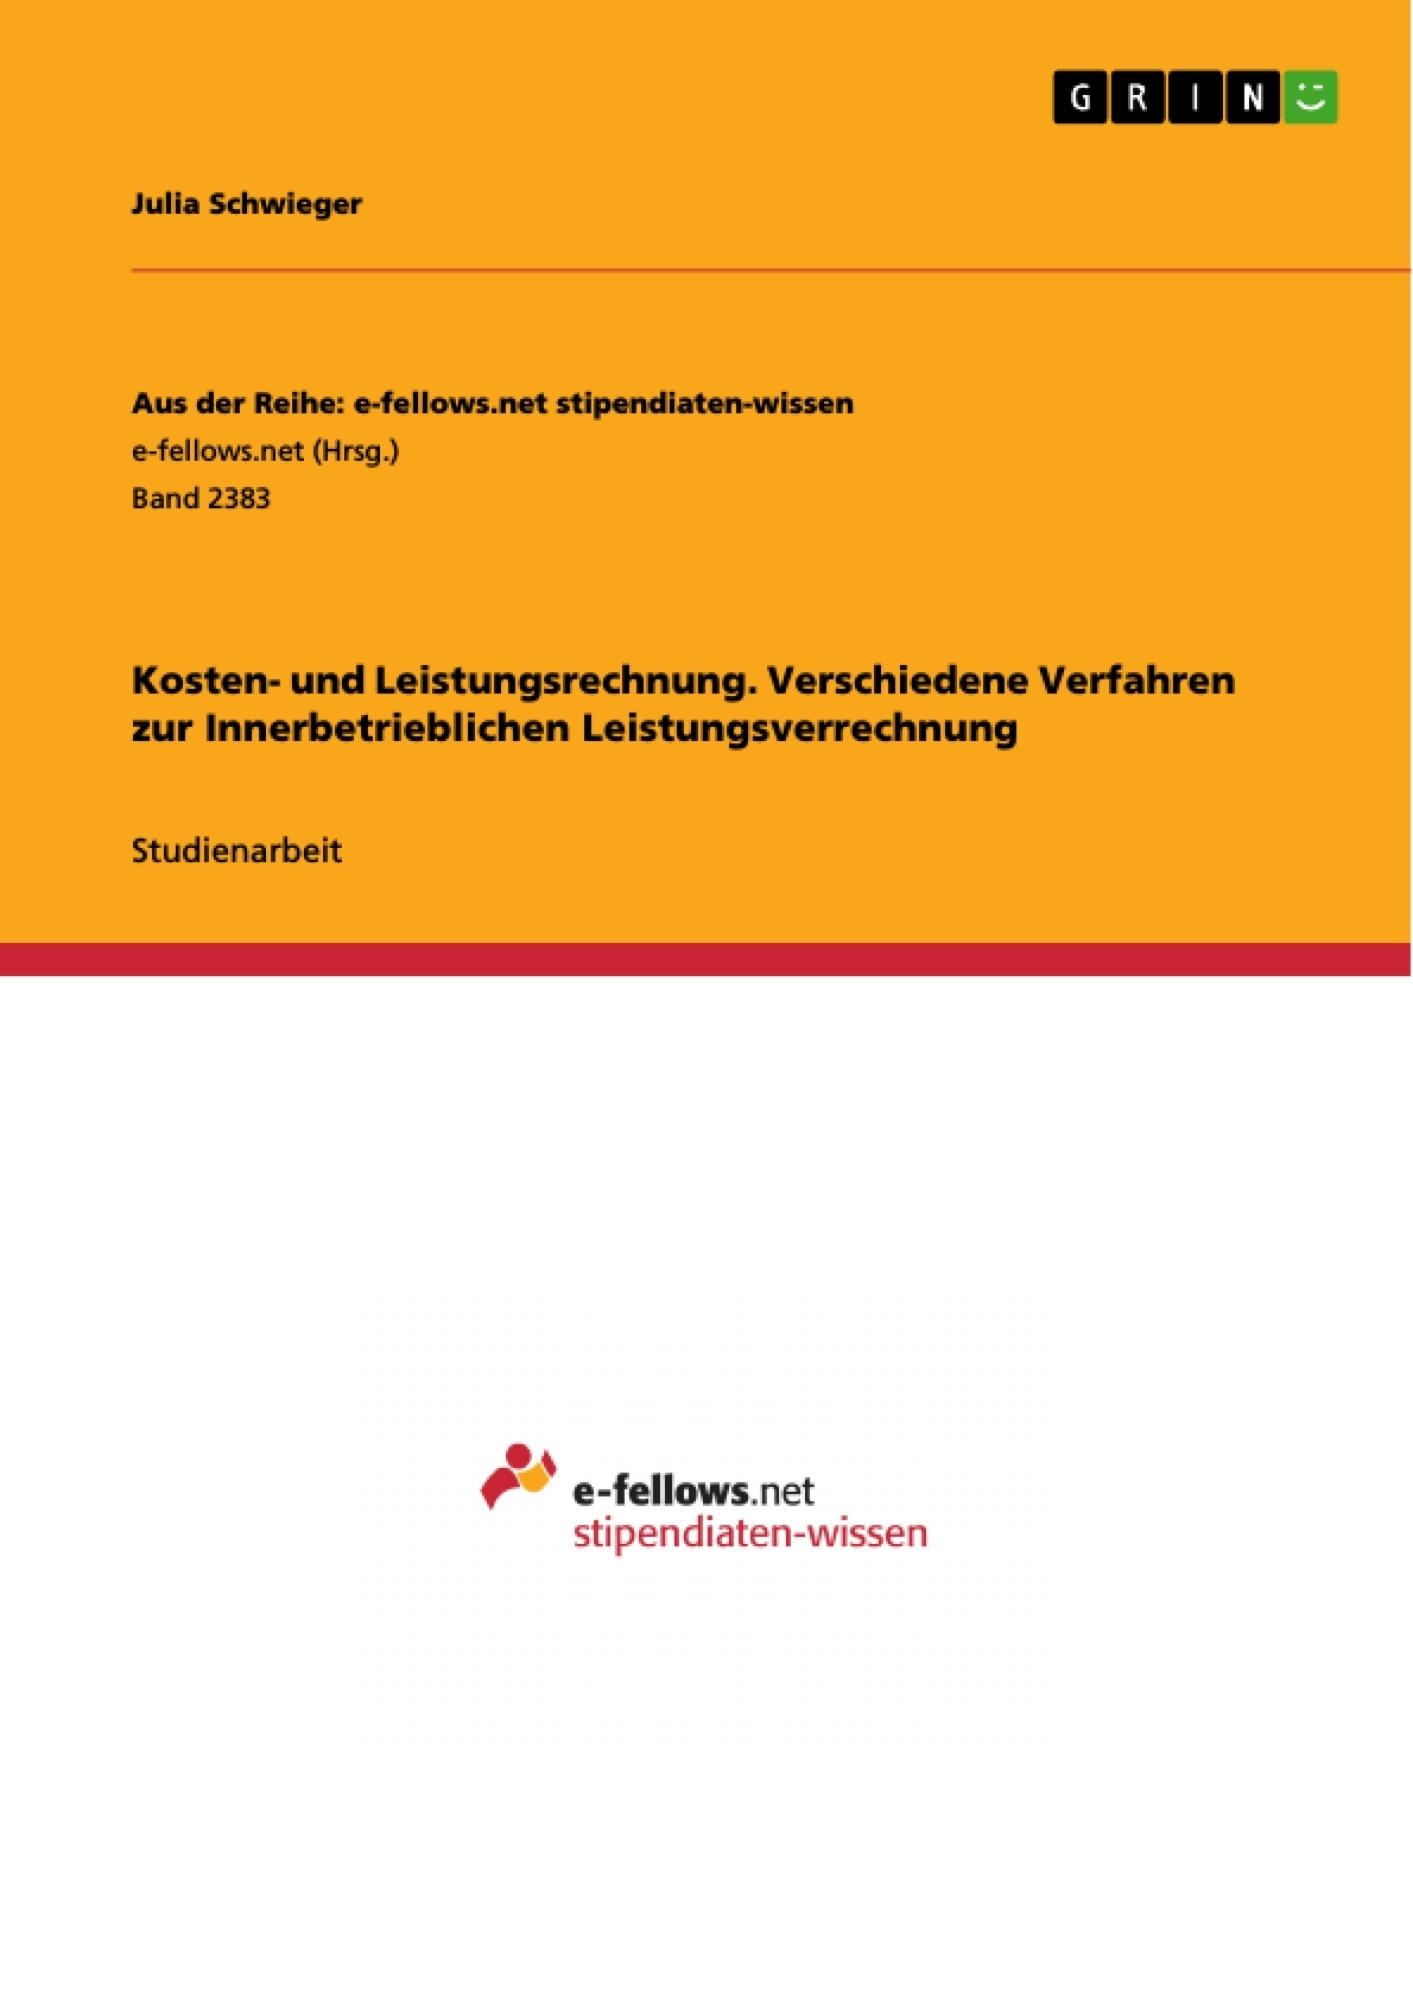 Titel: Kosten- und Leistungsrechnung. Verschiedene Verfahren zur Innerbetrieblichen Leistungsverrechnung